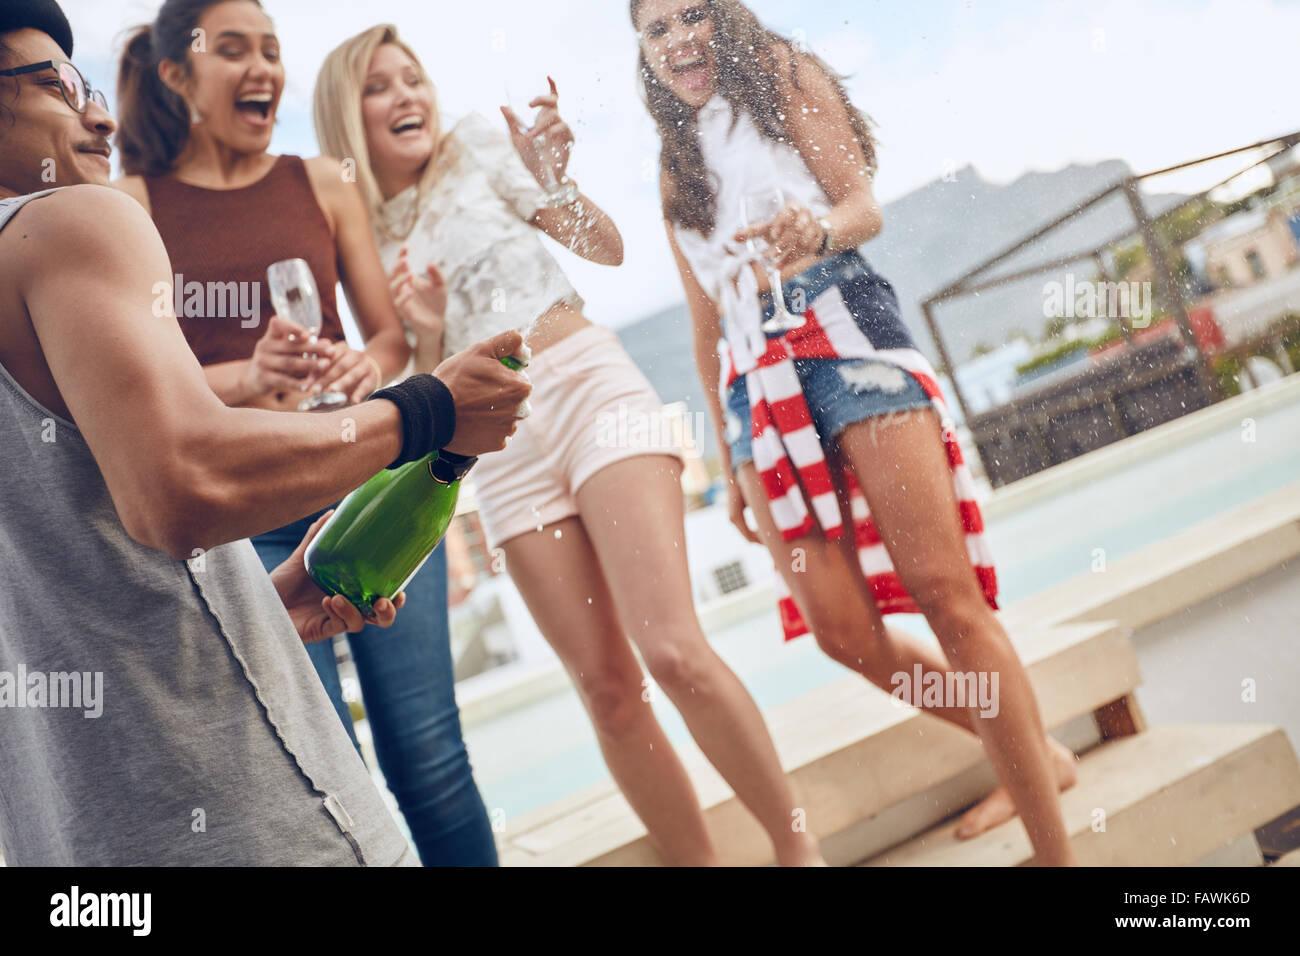 Party Bild der junge Mann eine Flasche Champagner zu öffnen. Frauen stehen ein Swimmingpool halten Gläser und lachen. Stockfoto